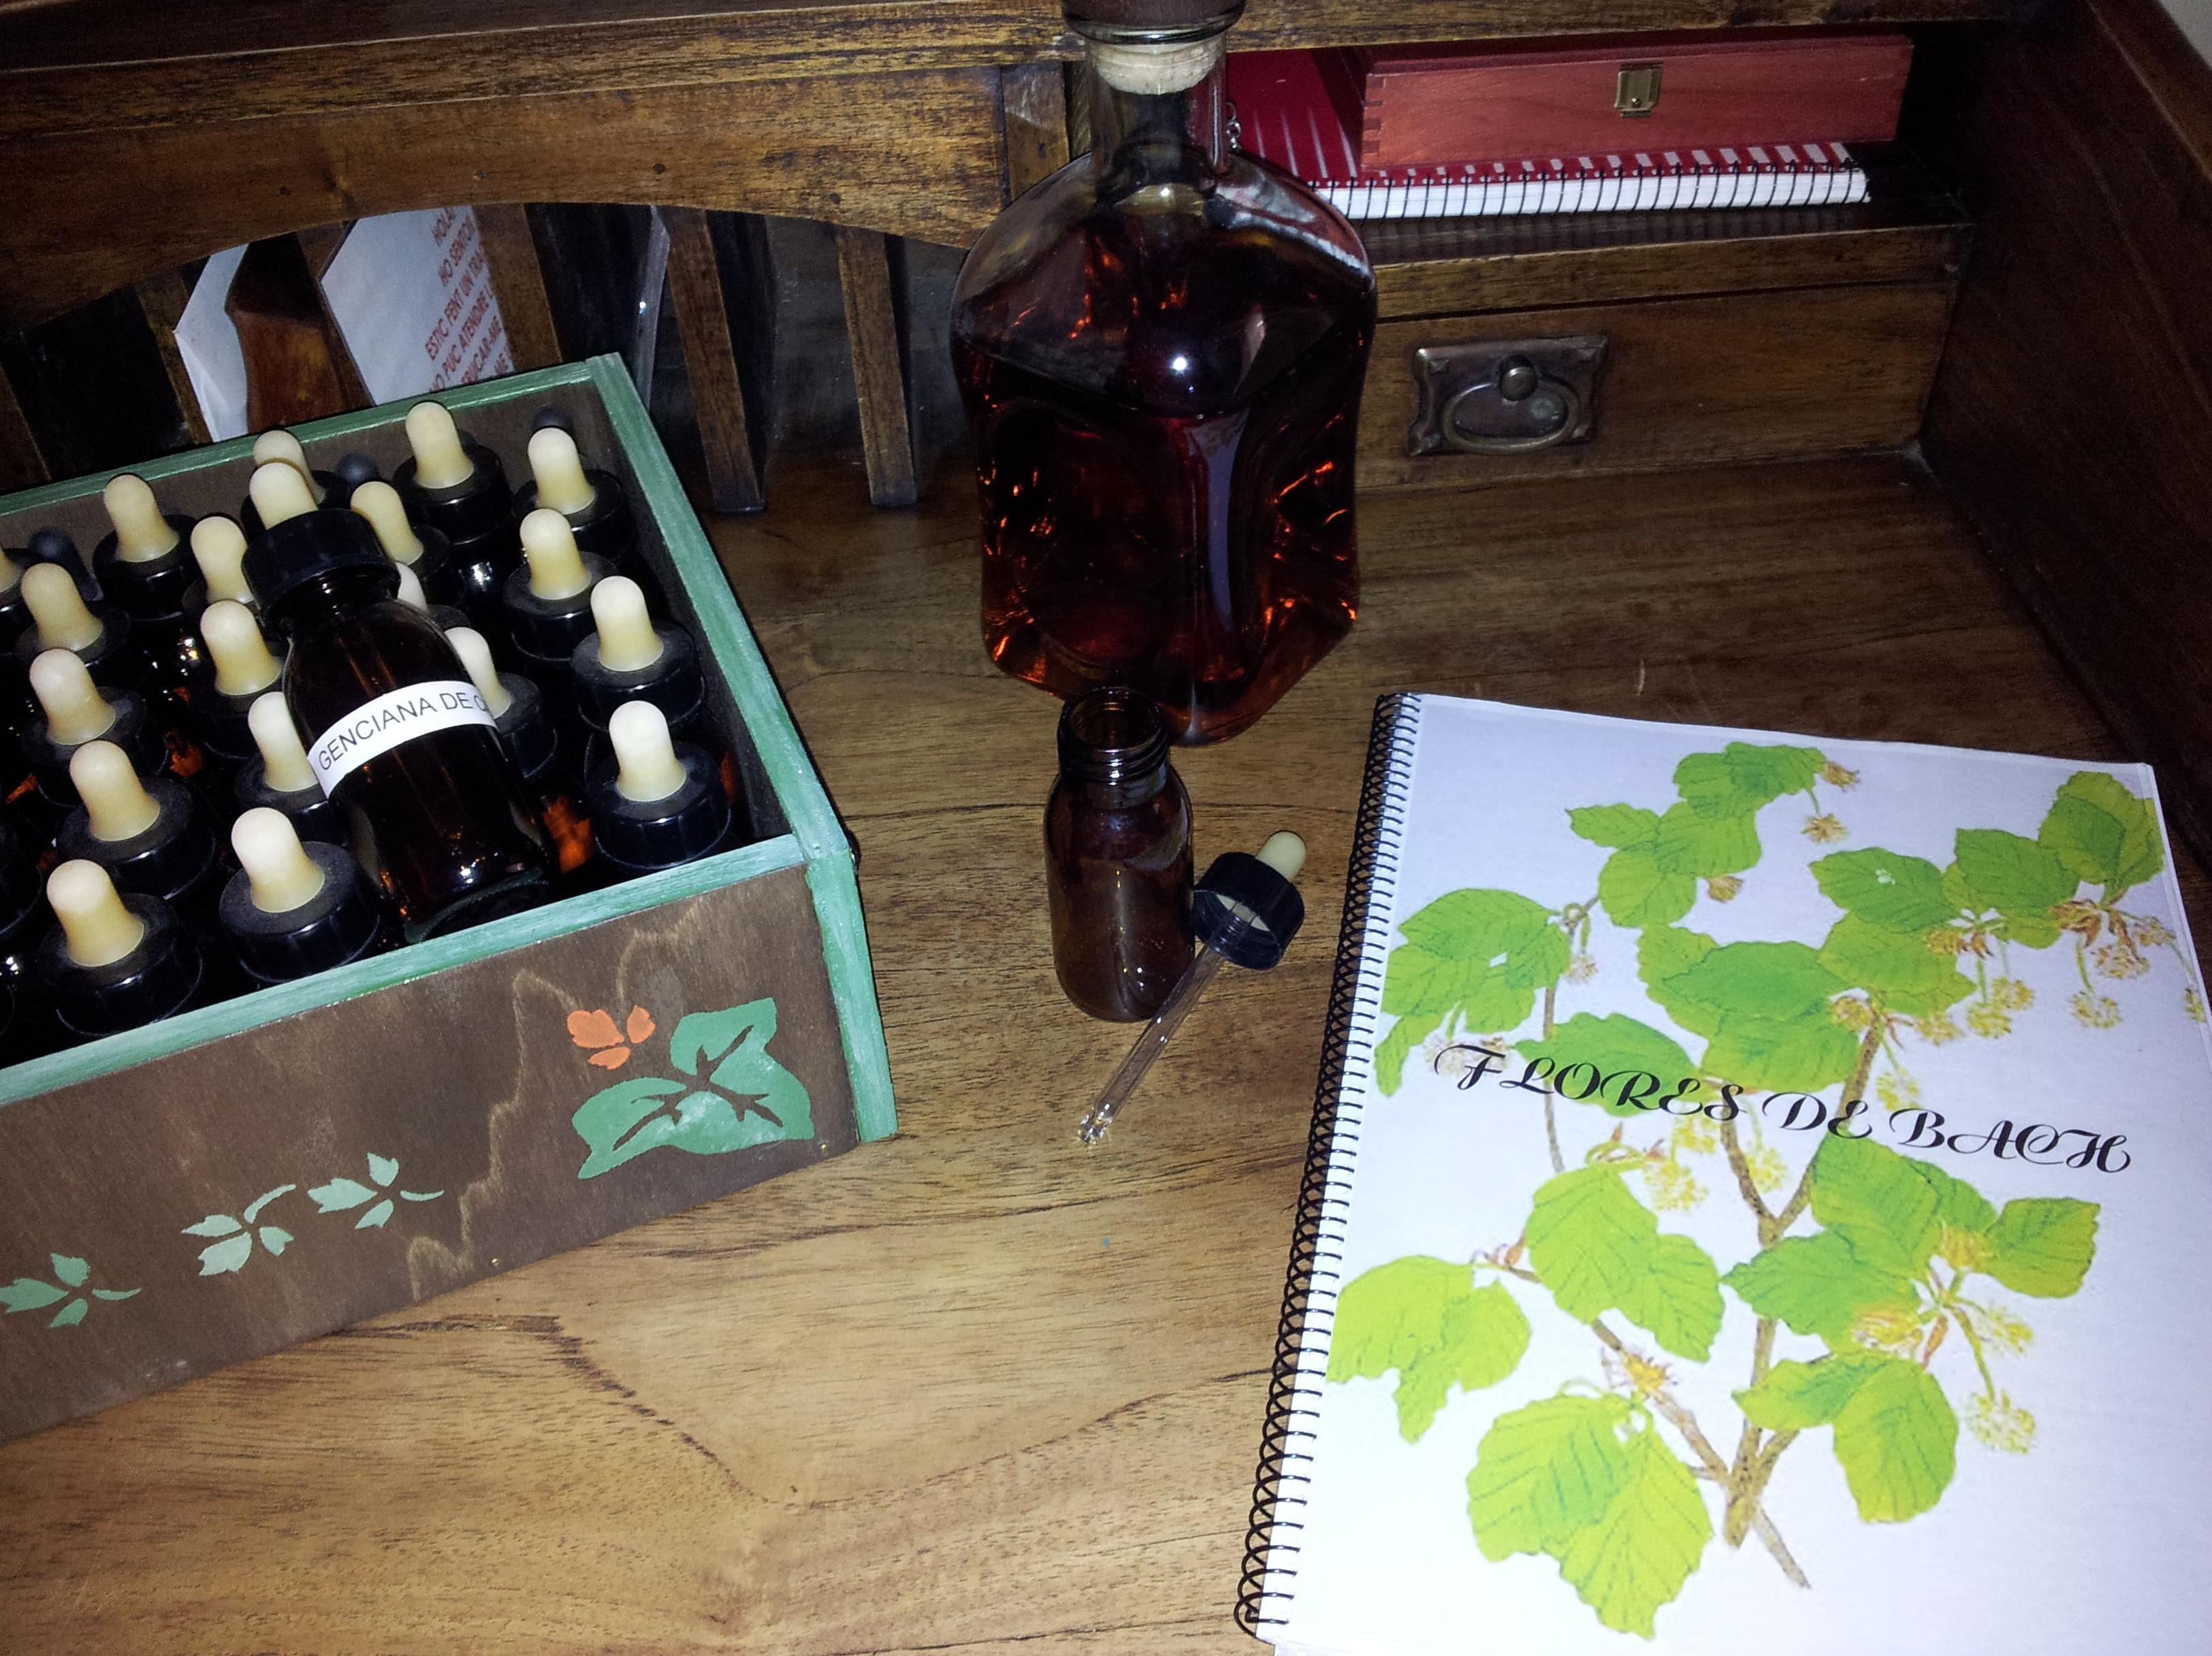 Terapia de flores de Bach en San Quirze del Vallés